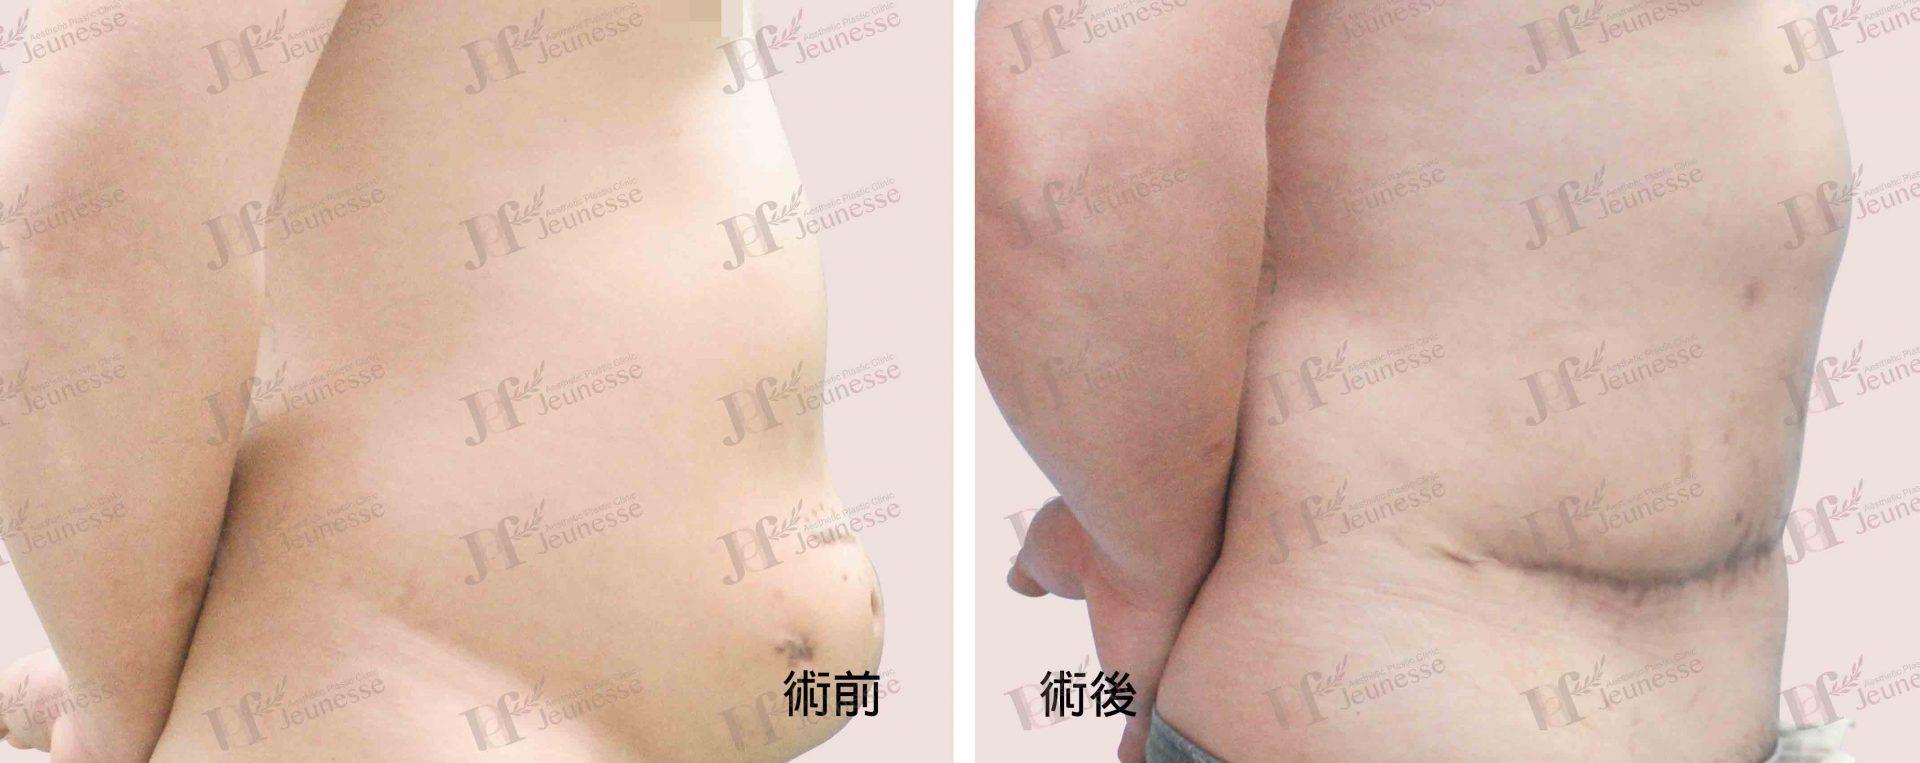 Abdominoplasty腹部成形術及抽脂手術 case 2 側面-浮水印